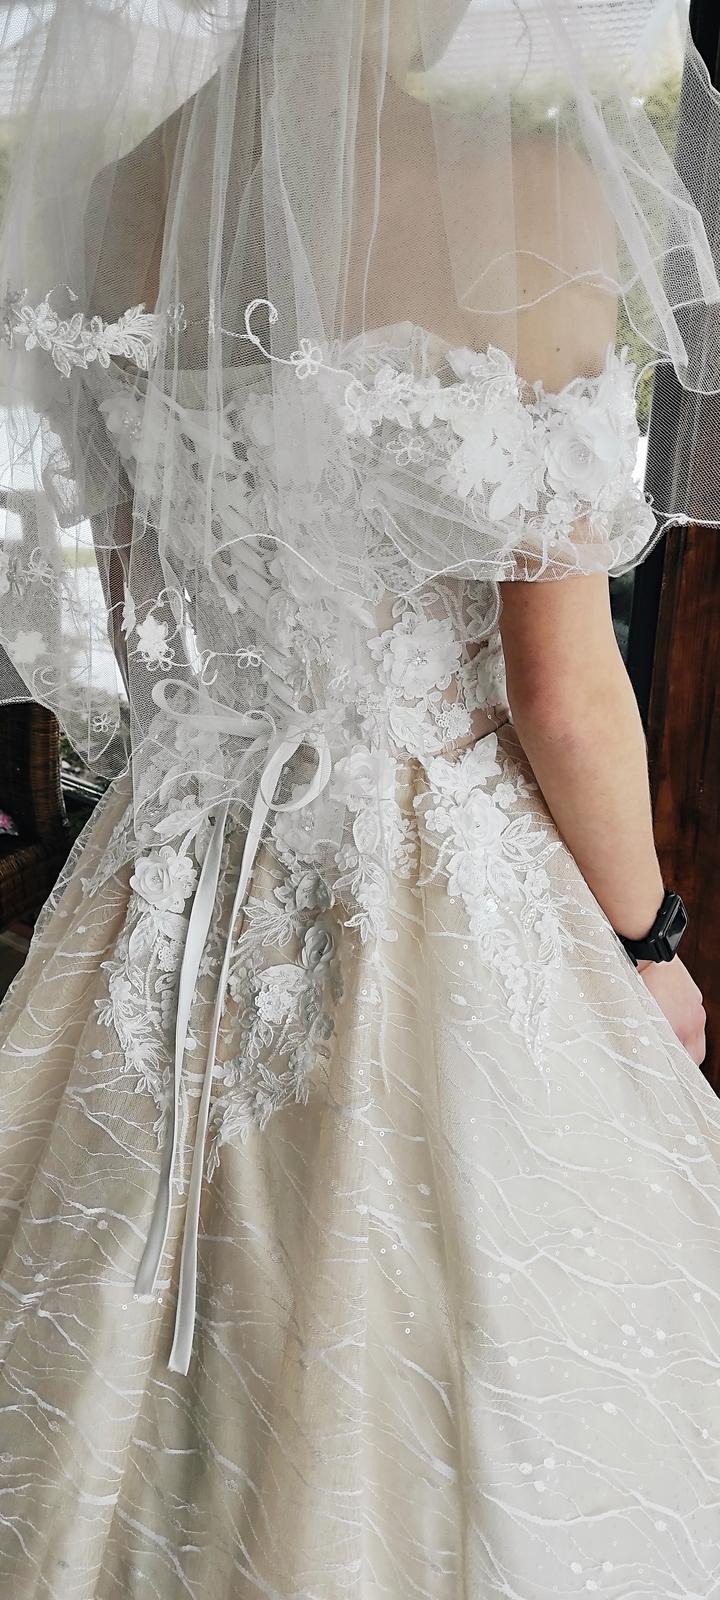 Predám nádherné svadobné šaty - Obrázok č. 4